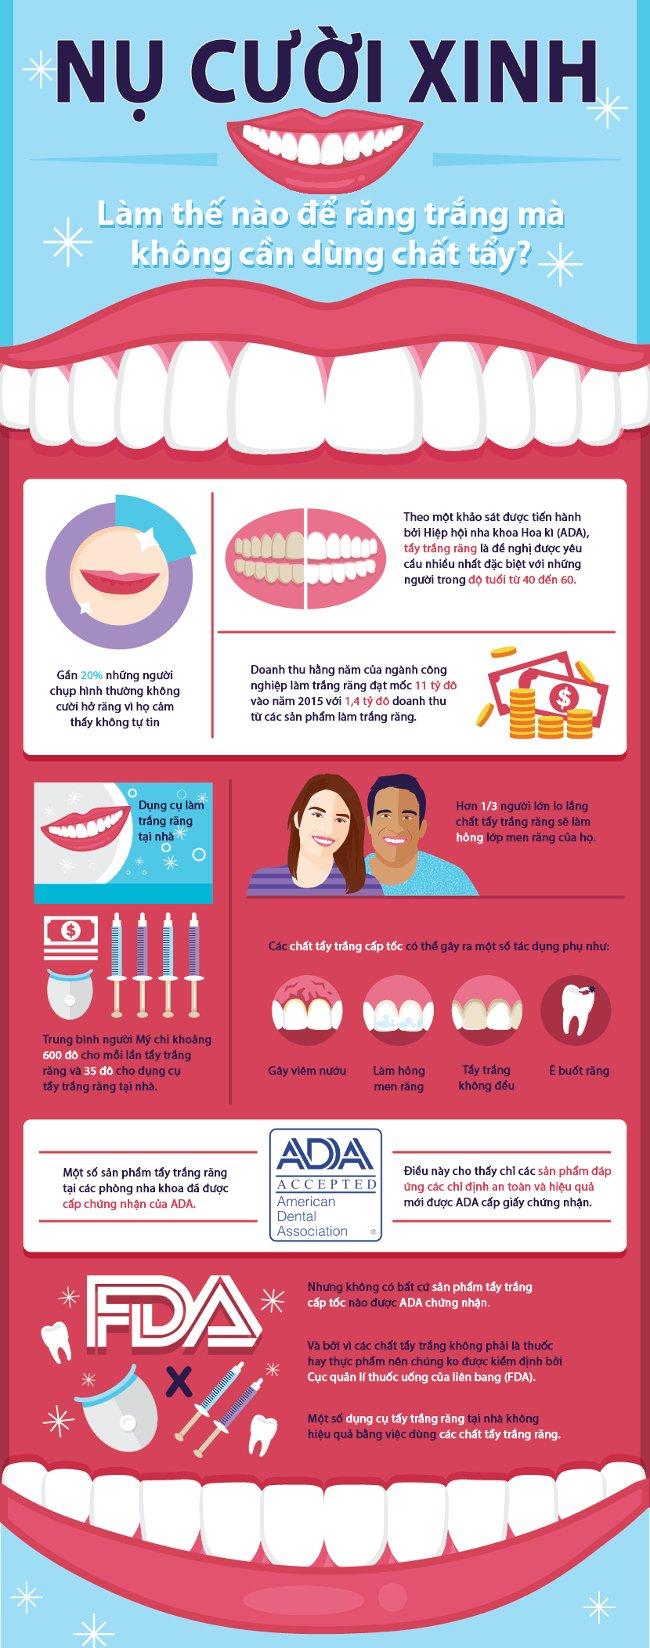 Gần 20% những người chụp hình thường không hở răng vì họ cảm thấy không tự tin với hàm răng của mình.